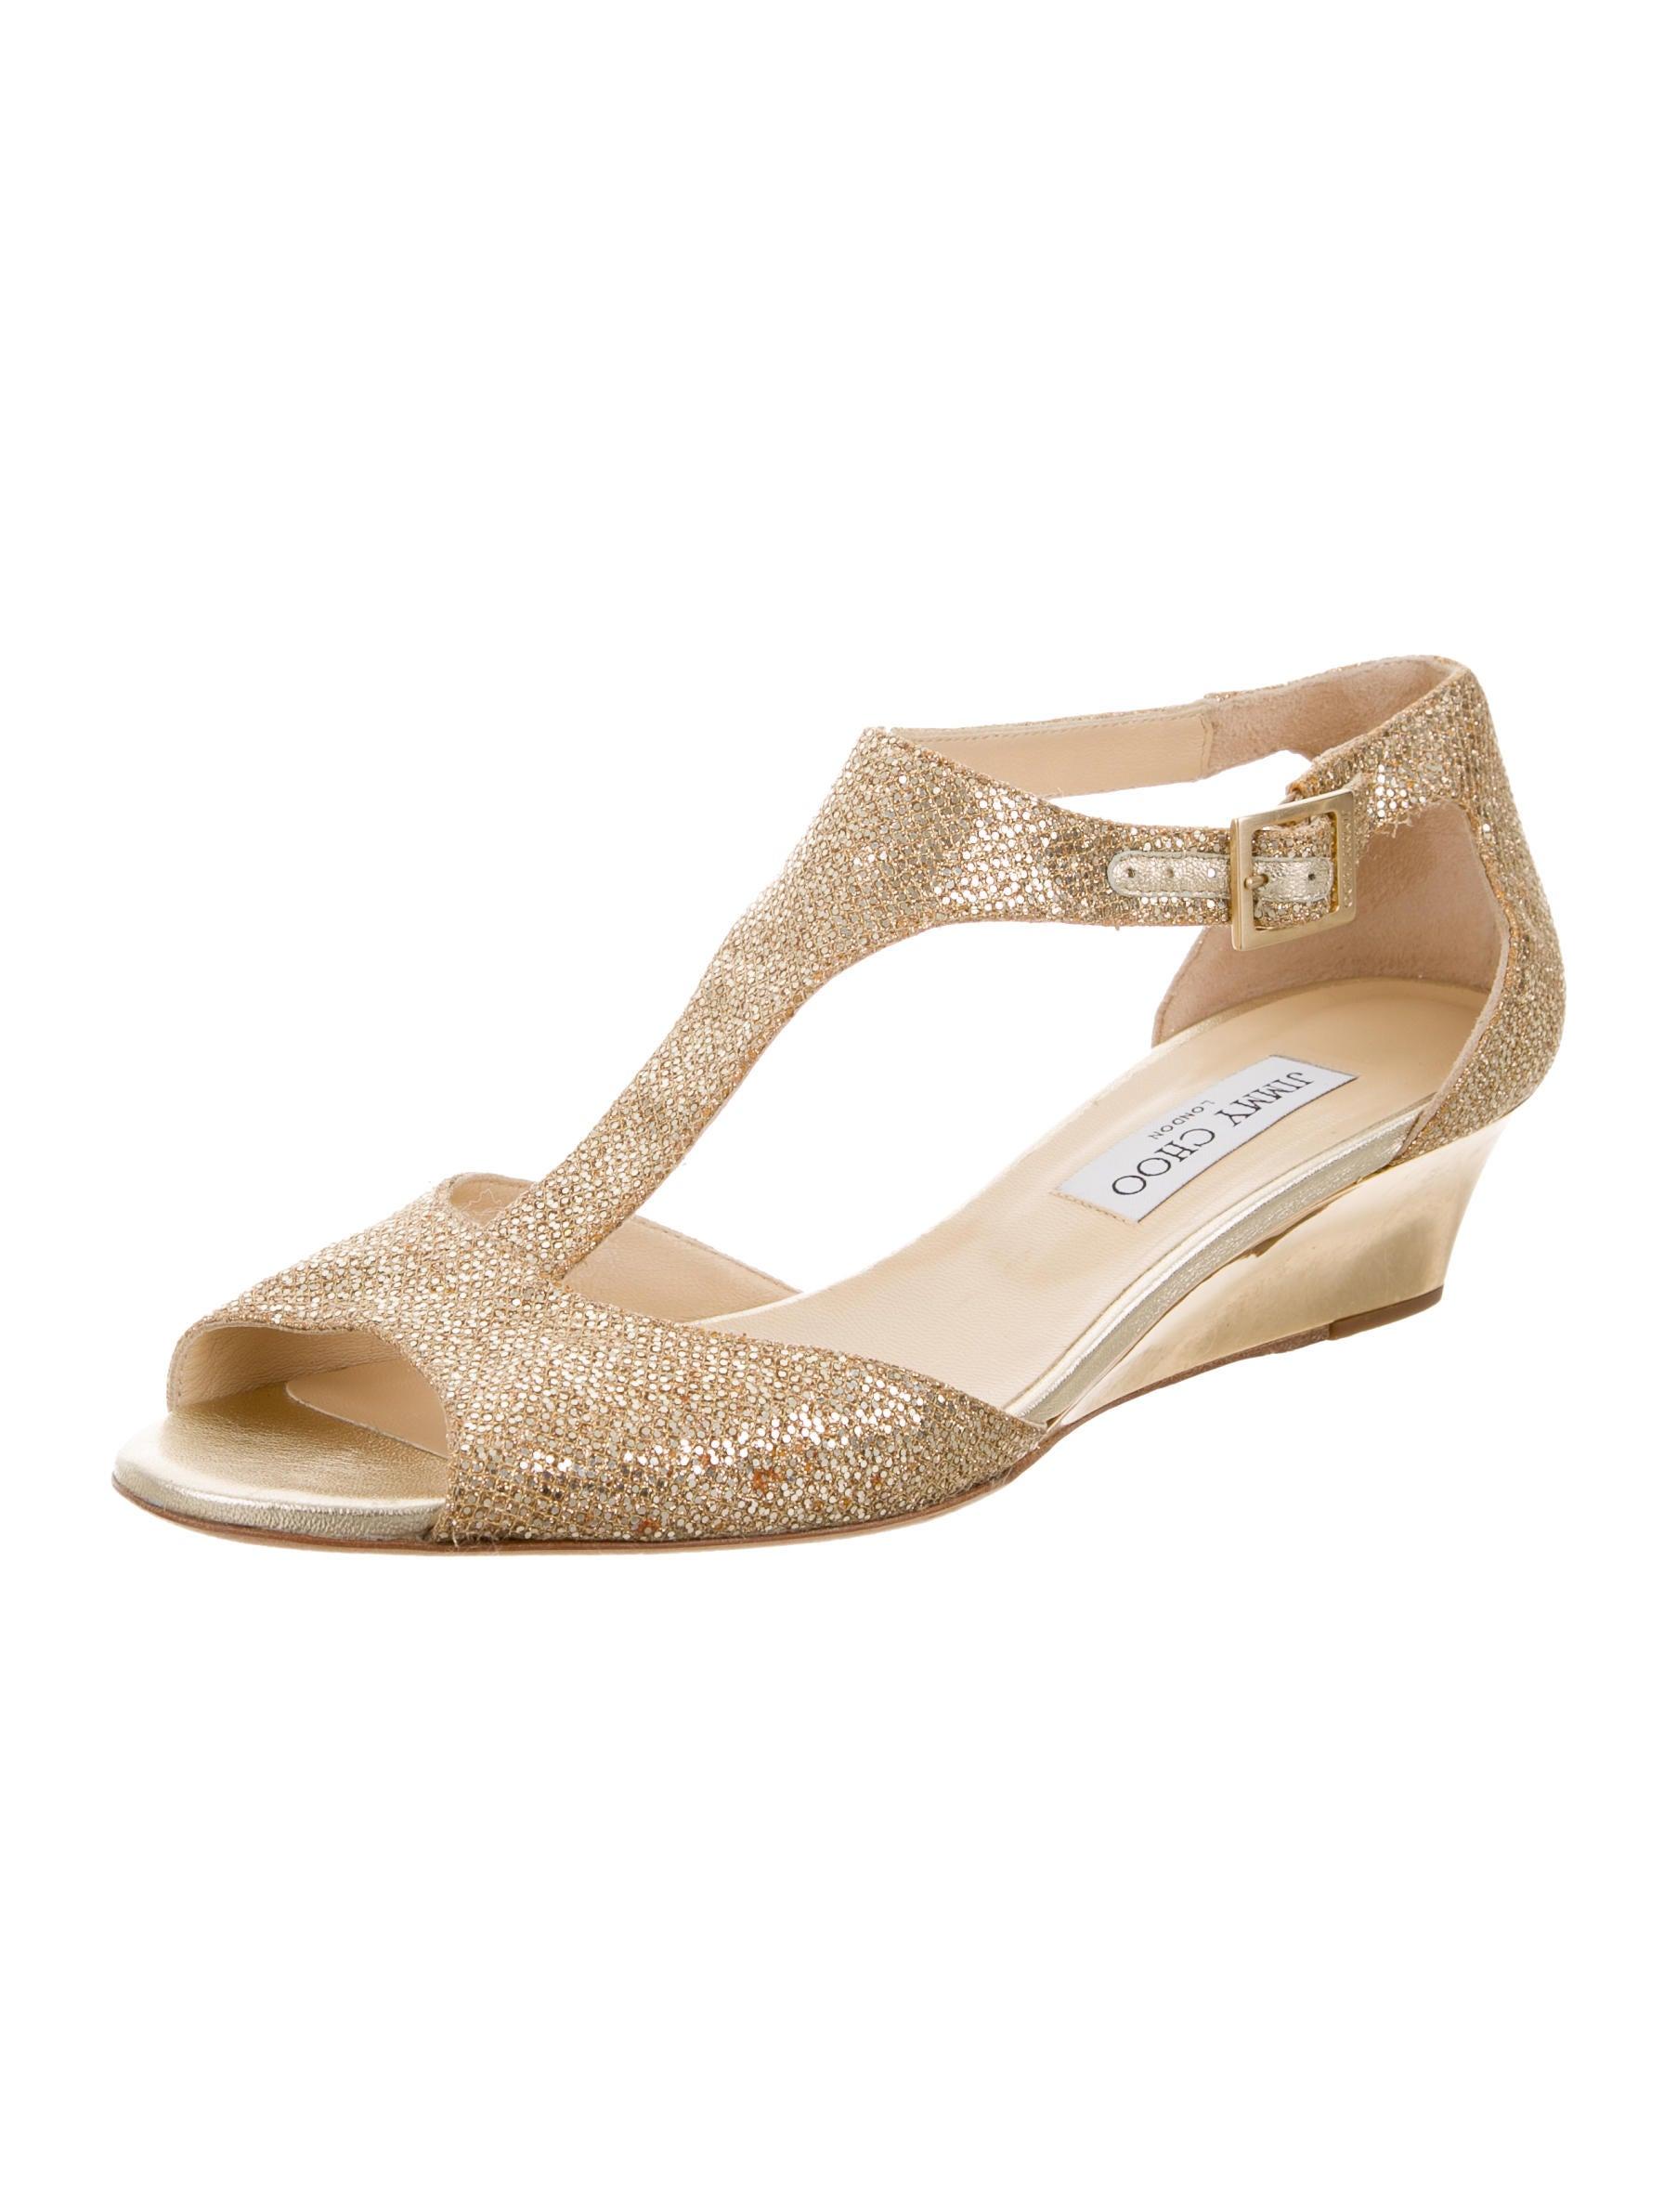 jimmy choo glitter wedge sandals shoes jim62334 the